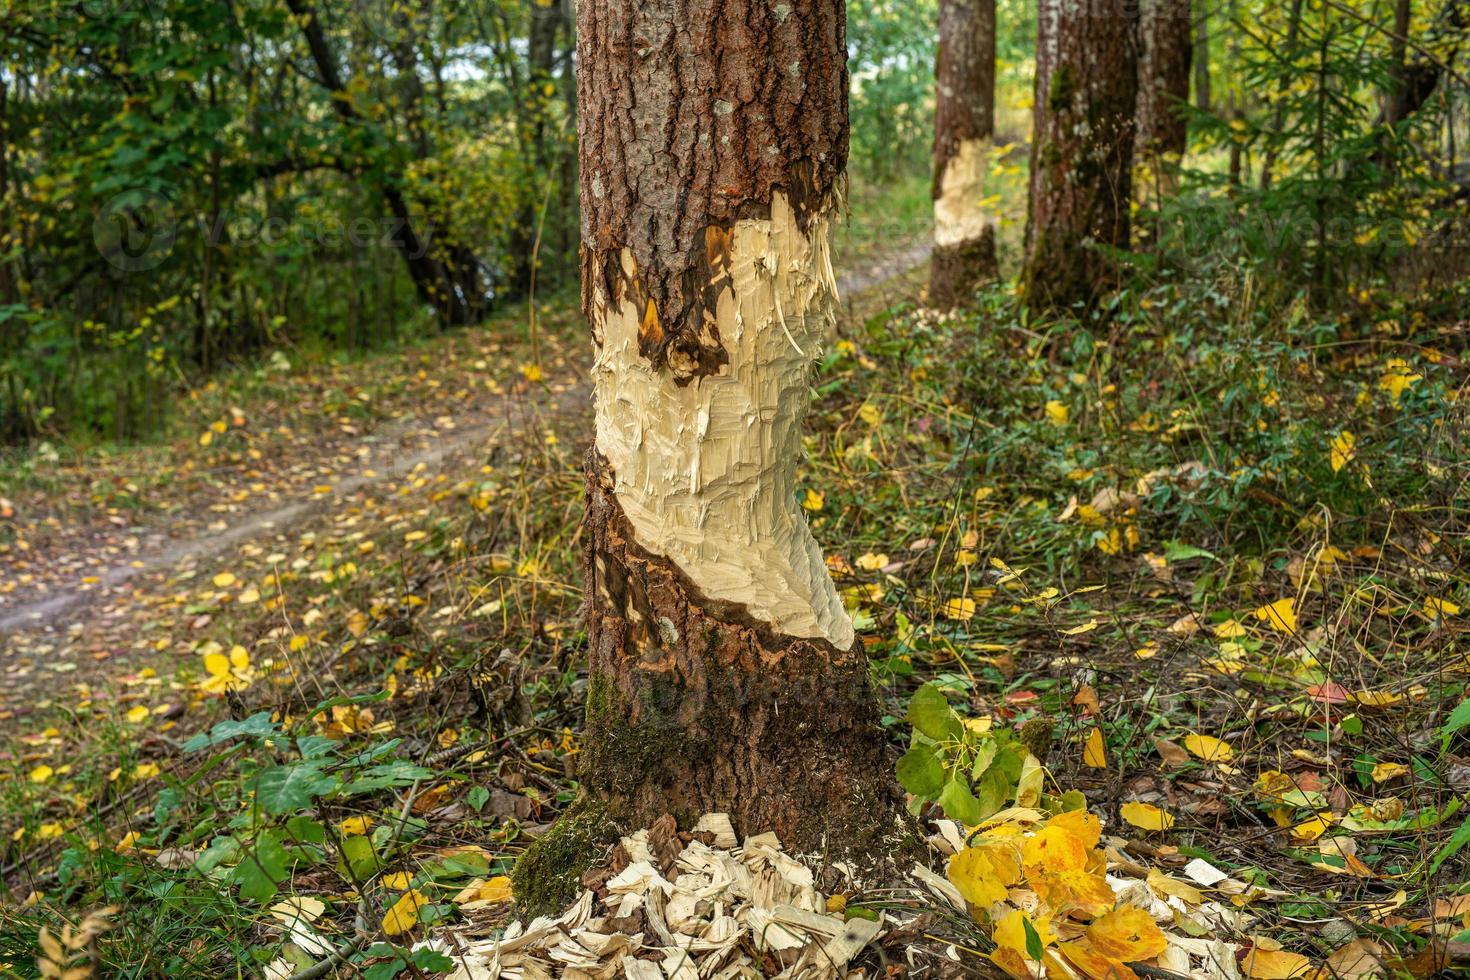 alberi danneggiati dai castori foto